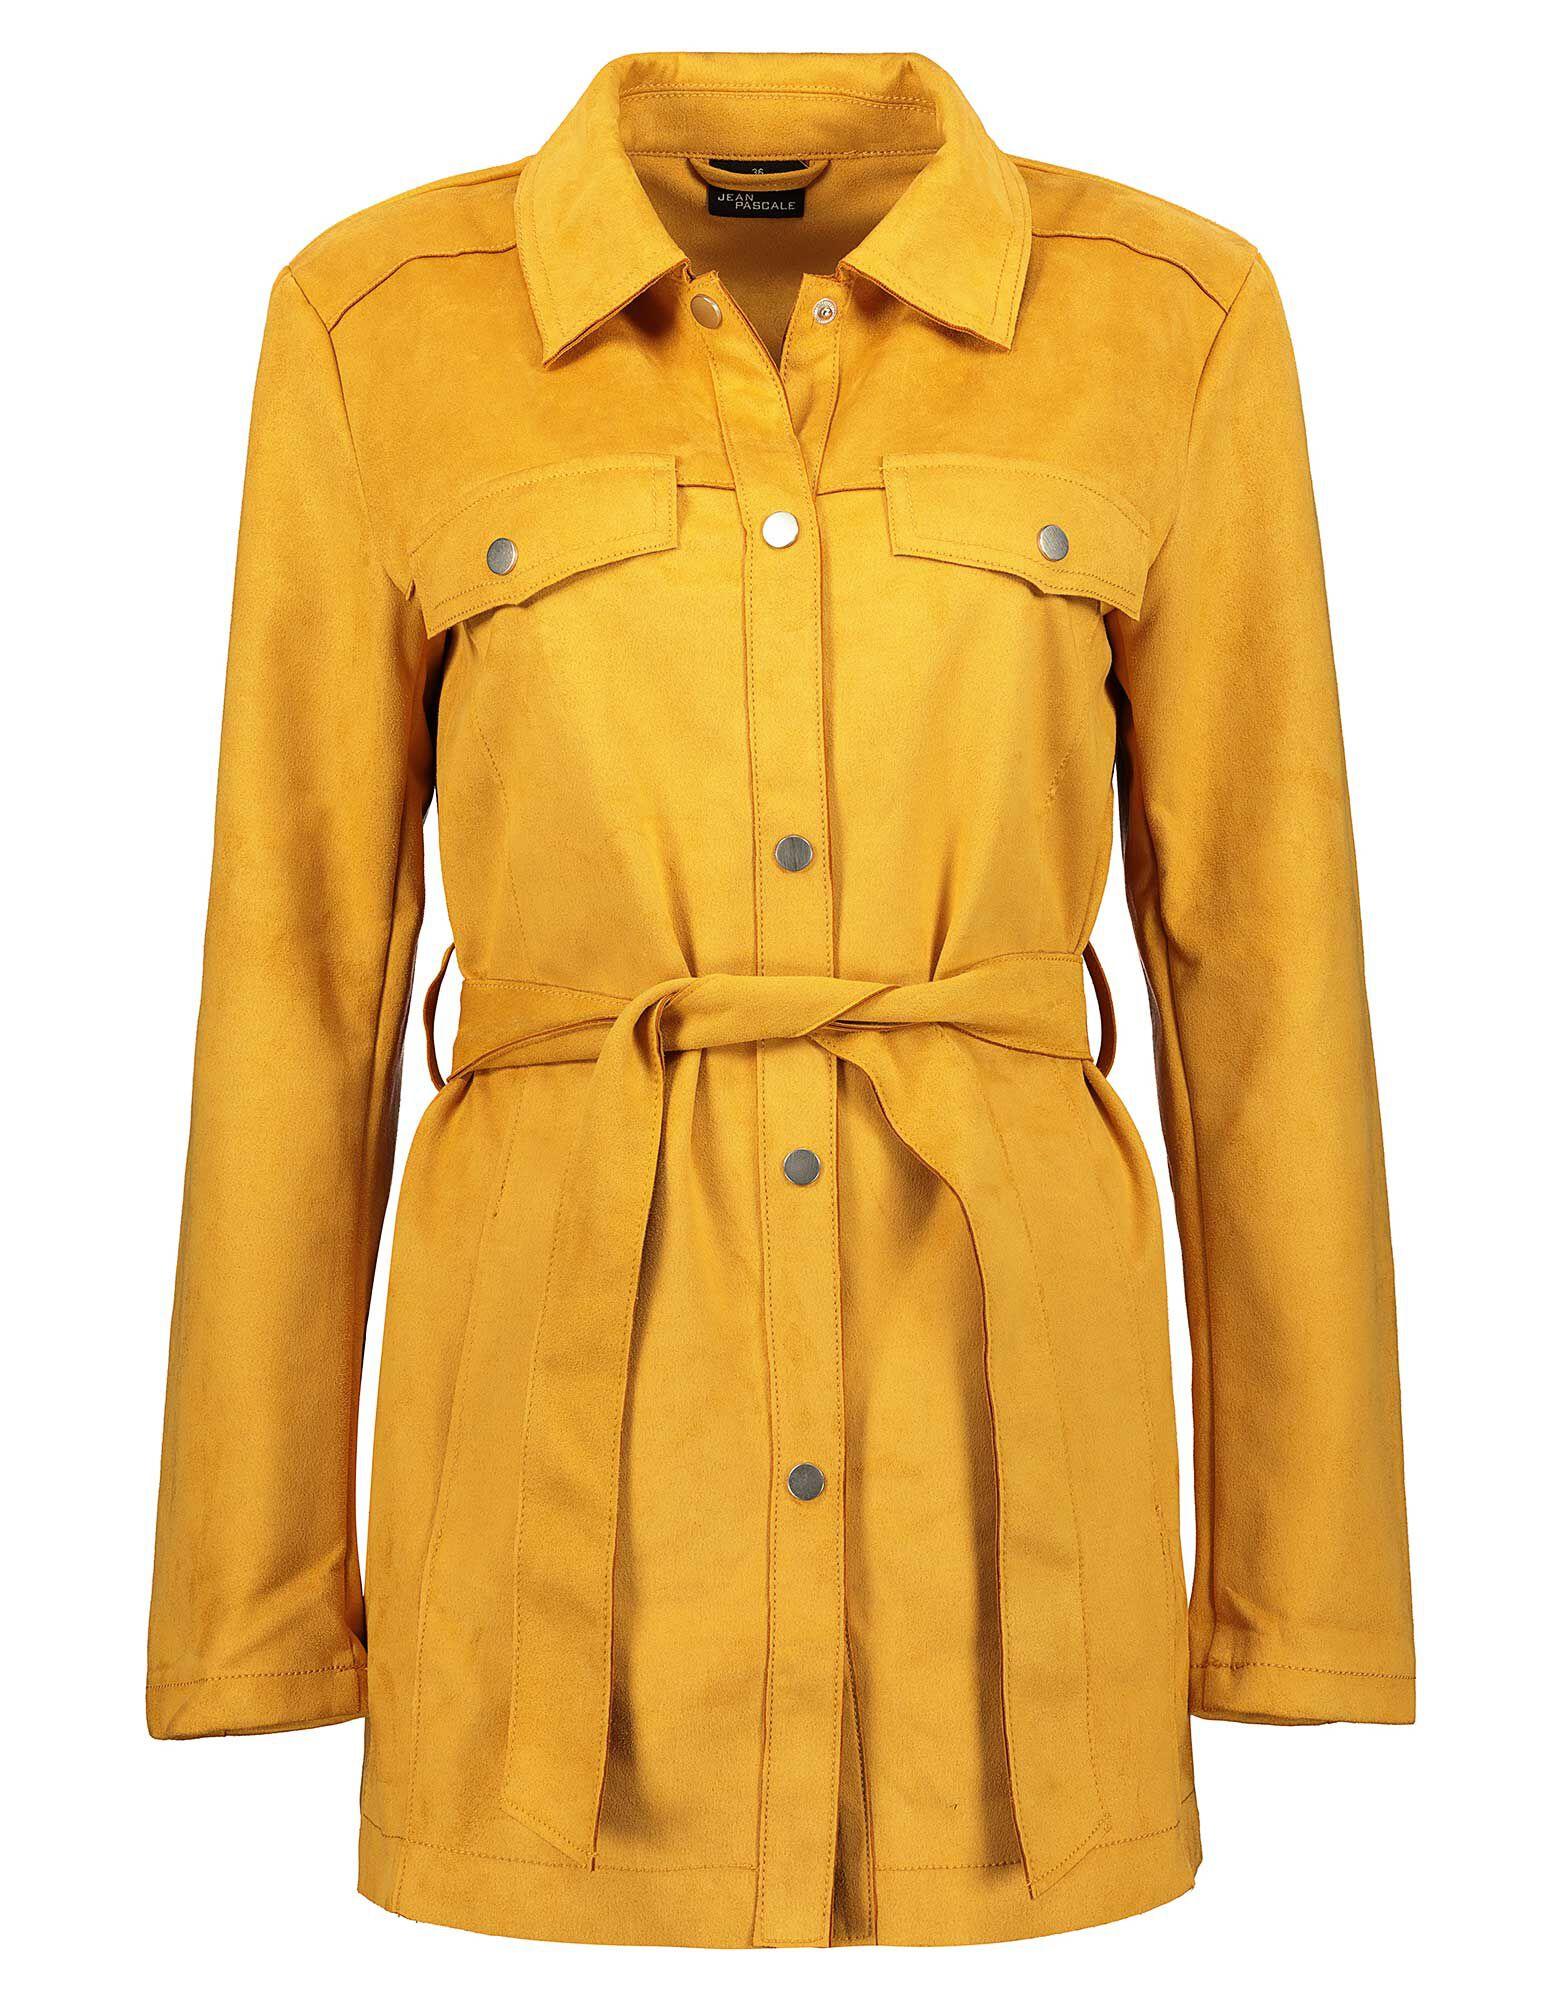 Damen Jacke in Velourslederoptik Takko Fashion